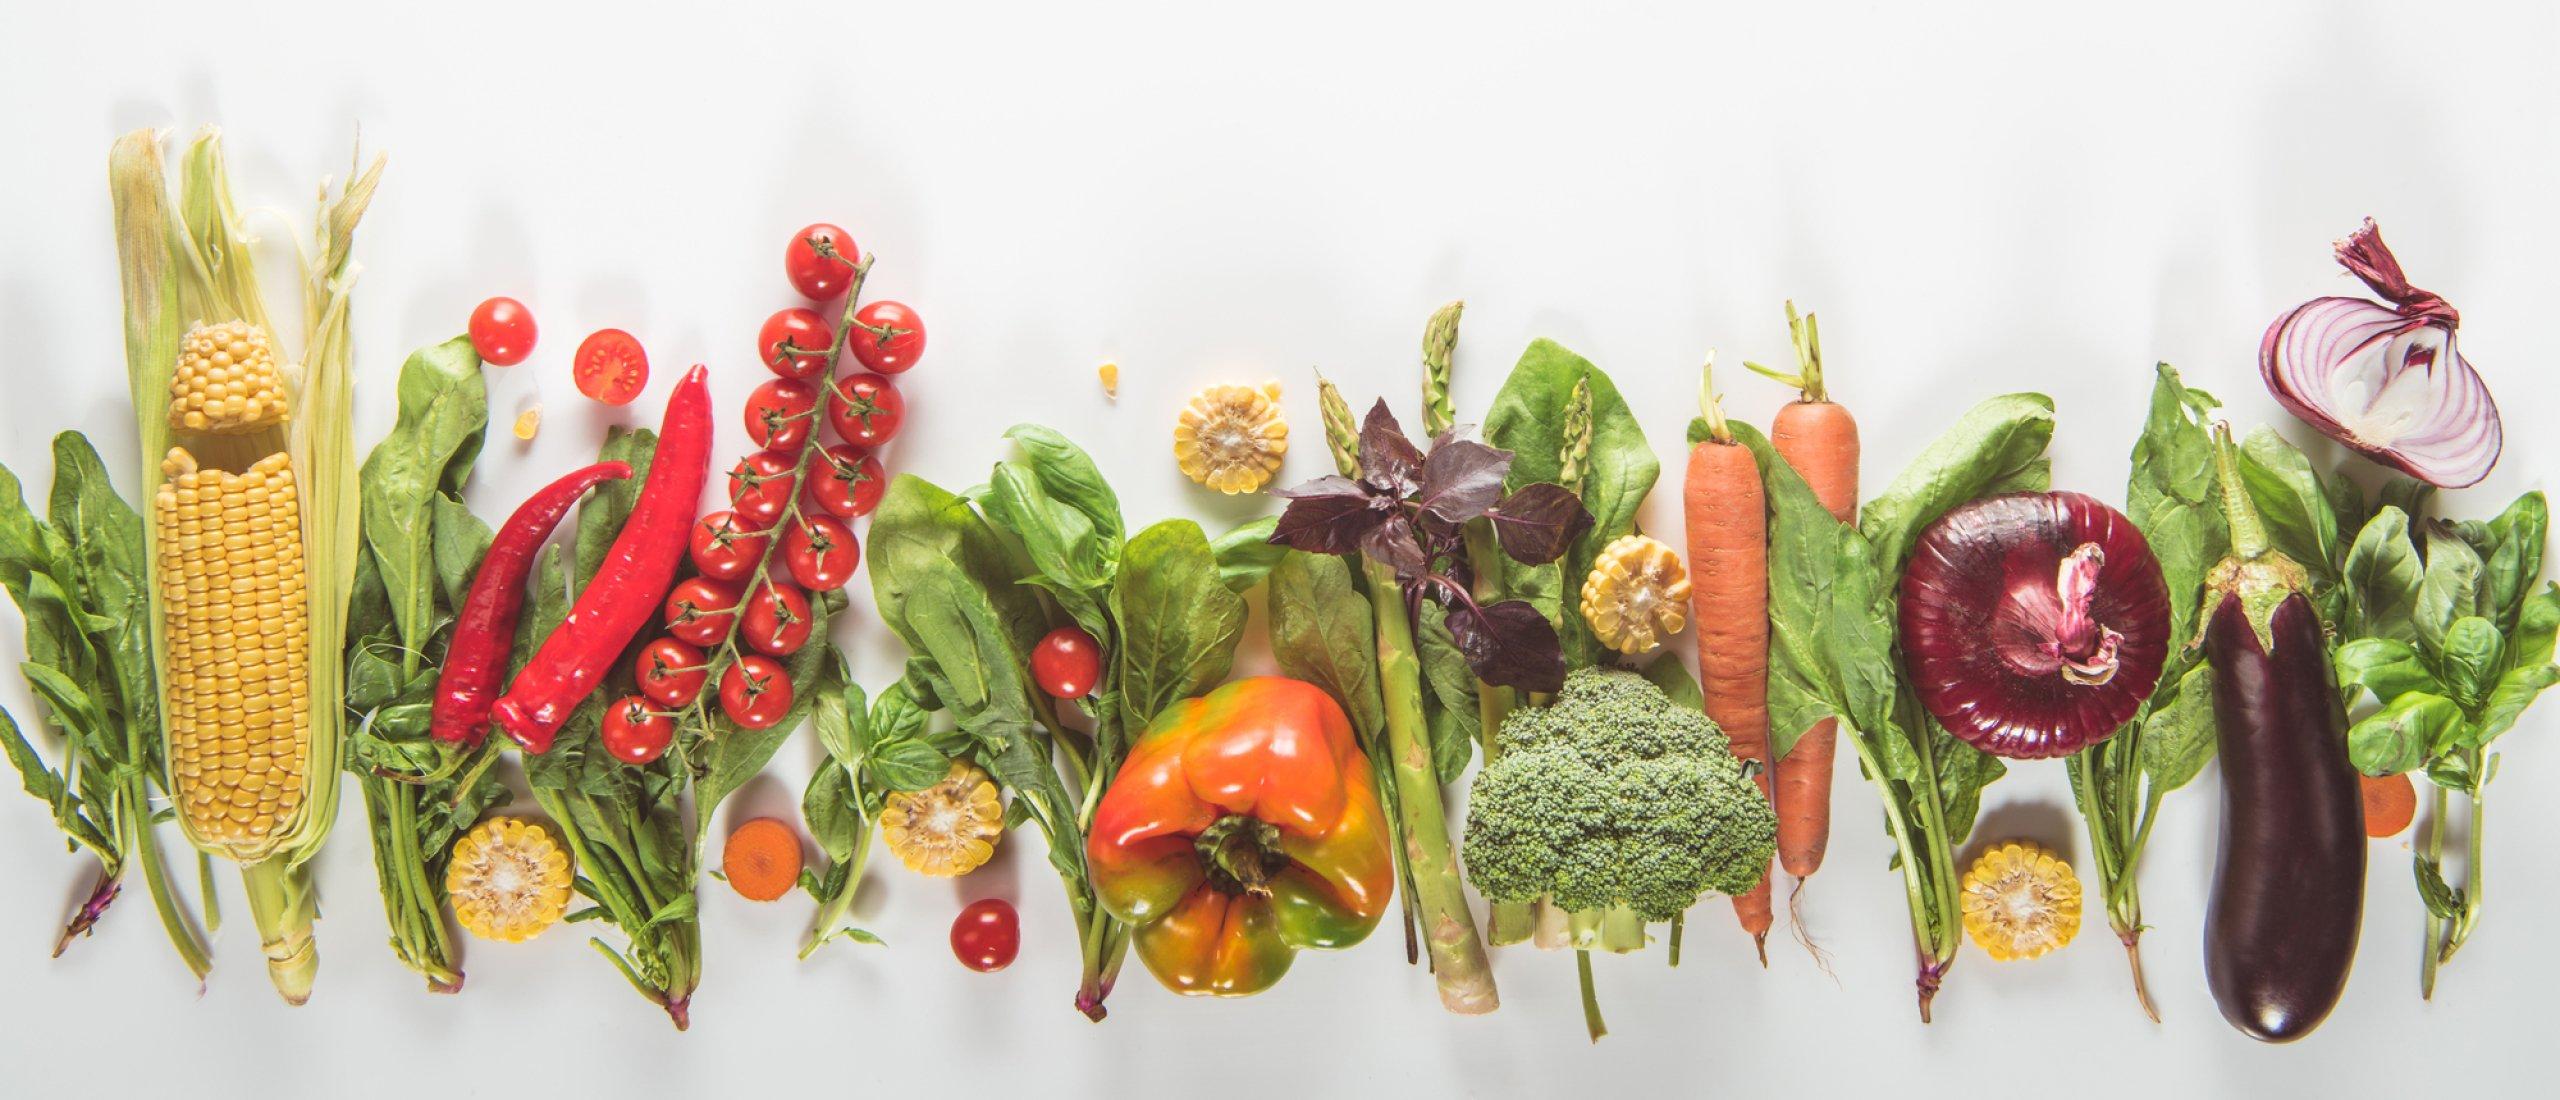 Goed voor je weerstand: tien groentesoorten boordevol vitamine C.